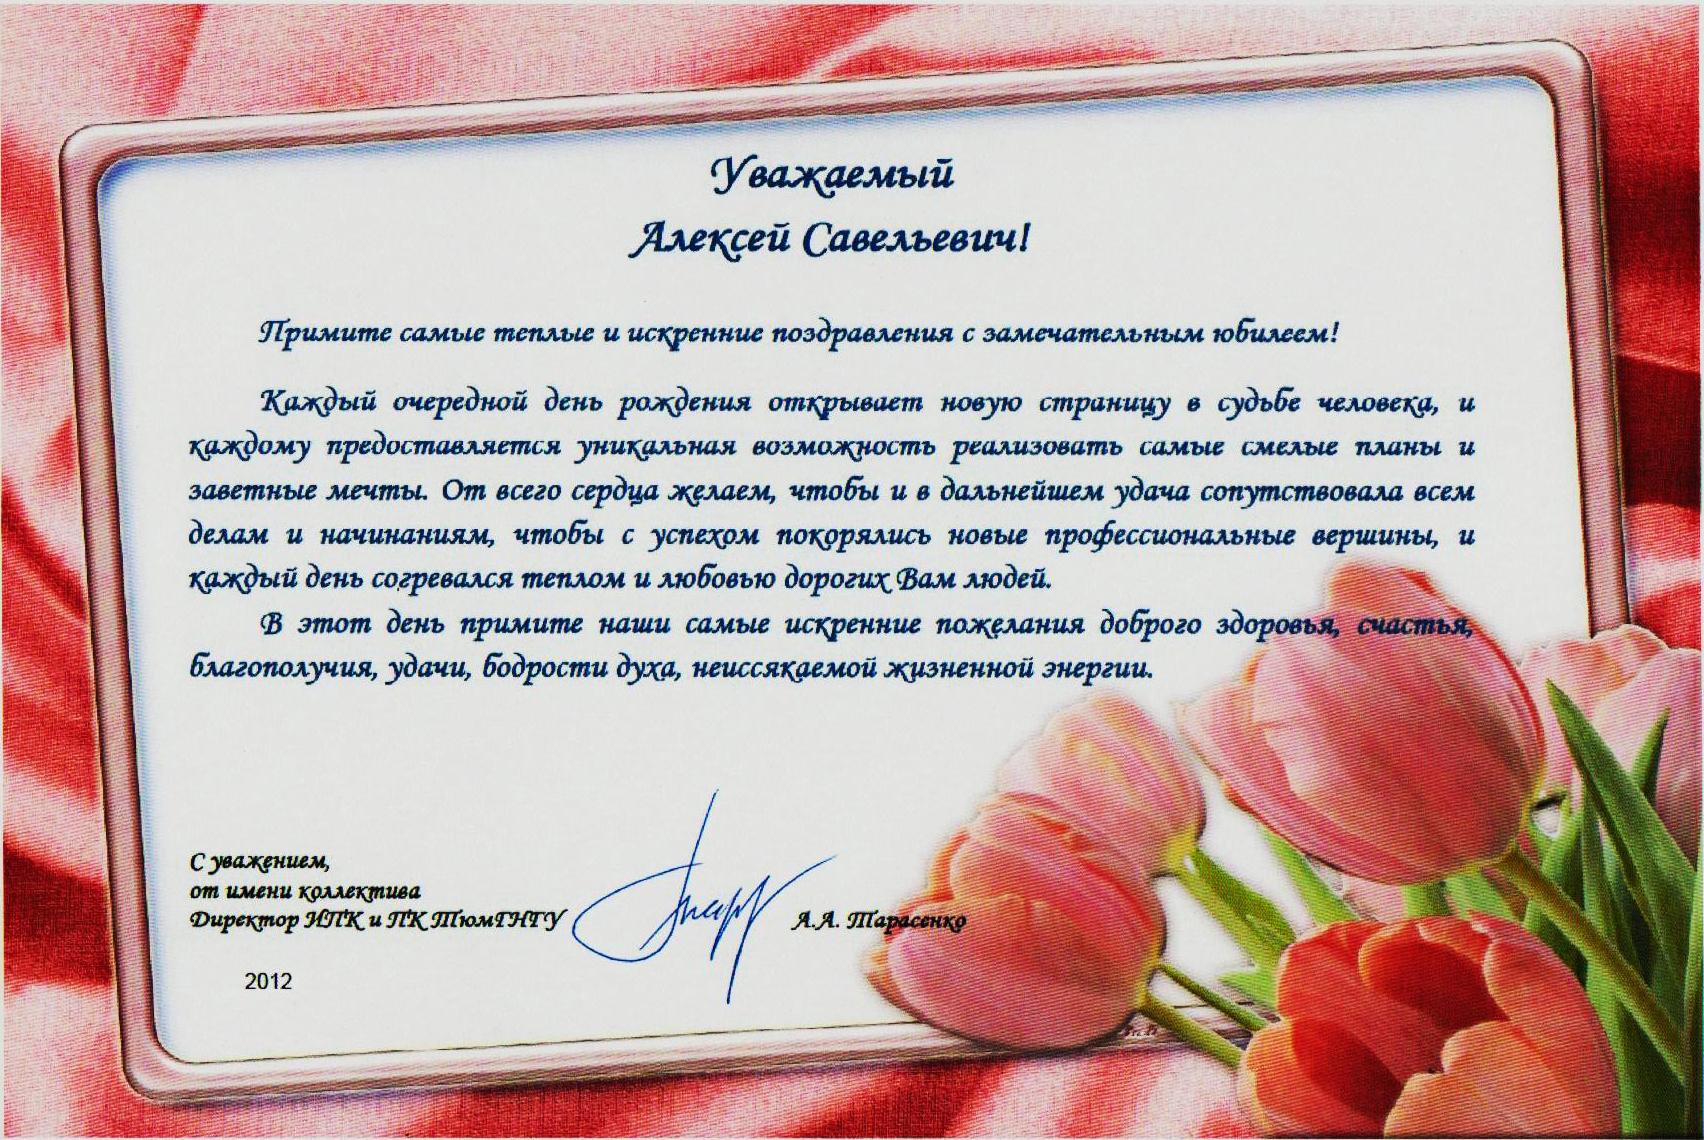 Как подписать открытку сотруднице в юбилейном